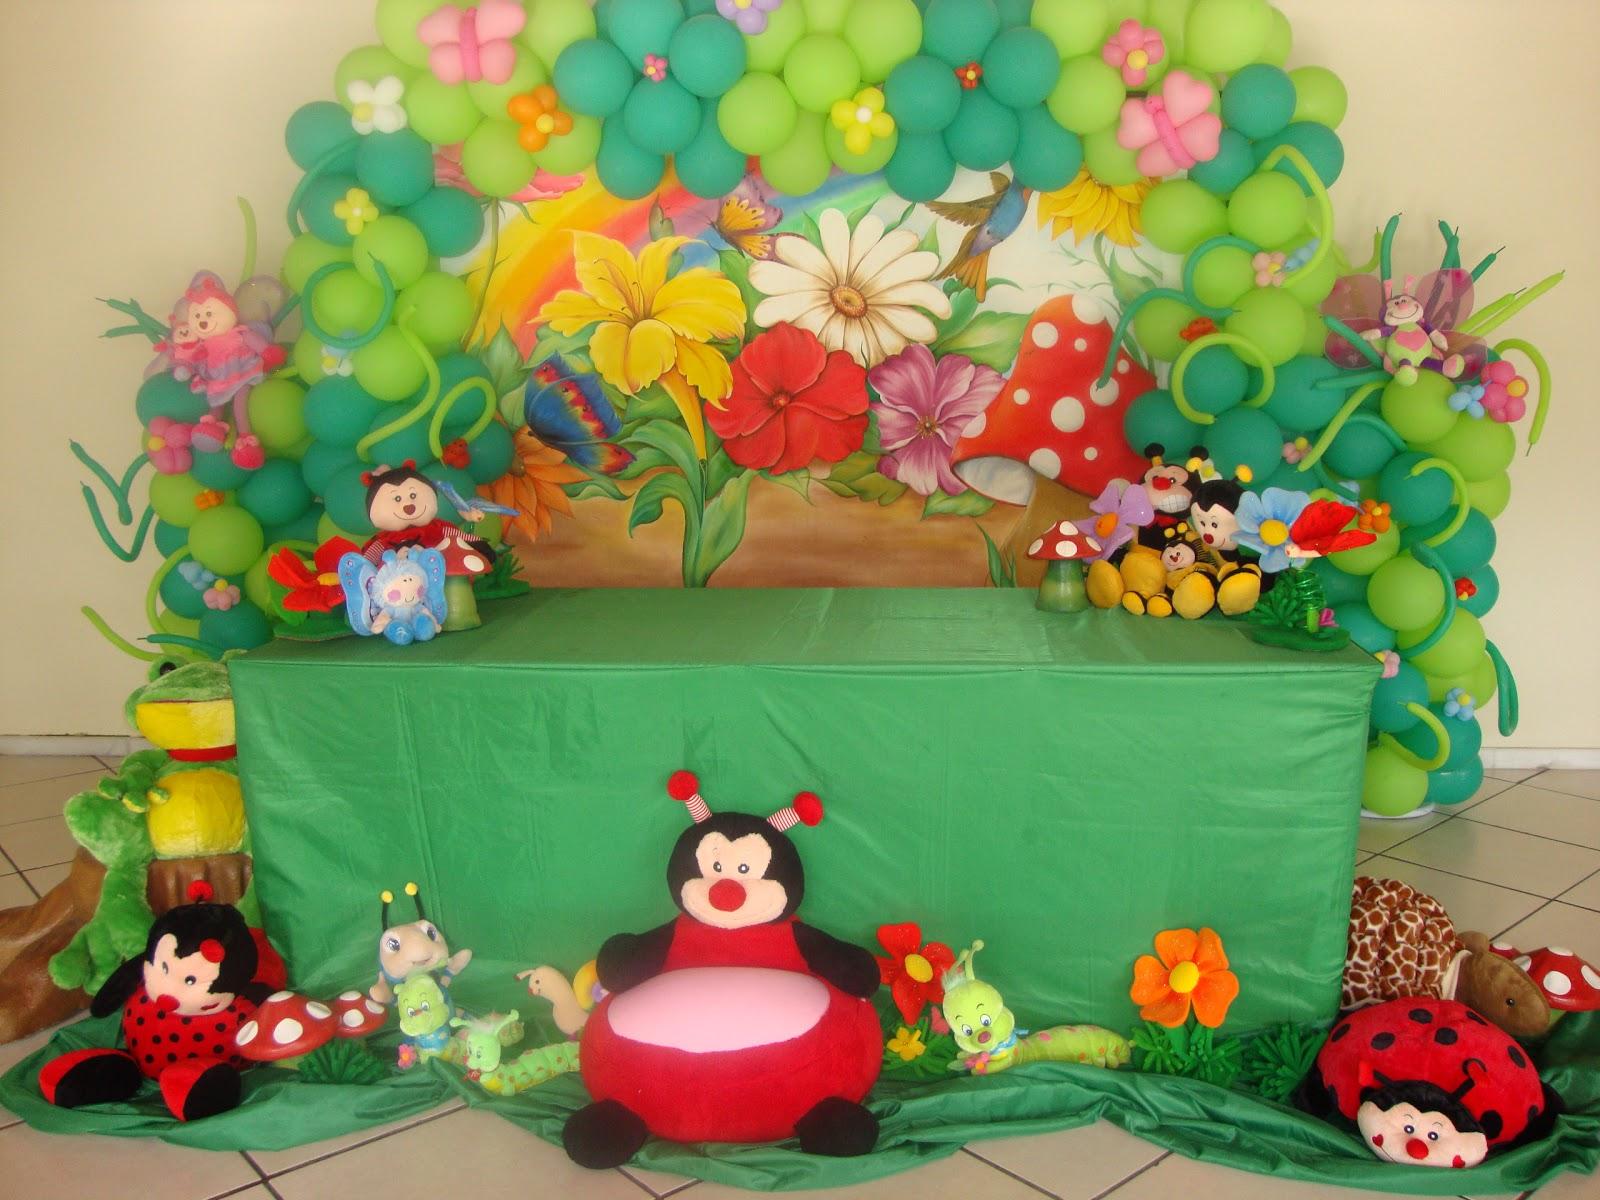 decoracao de balões jardim encantado:Decoração de Jardim Encantado com painel de fundo pintado à mão,